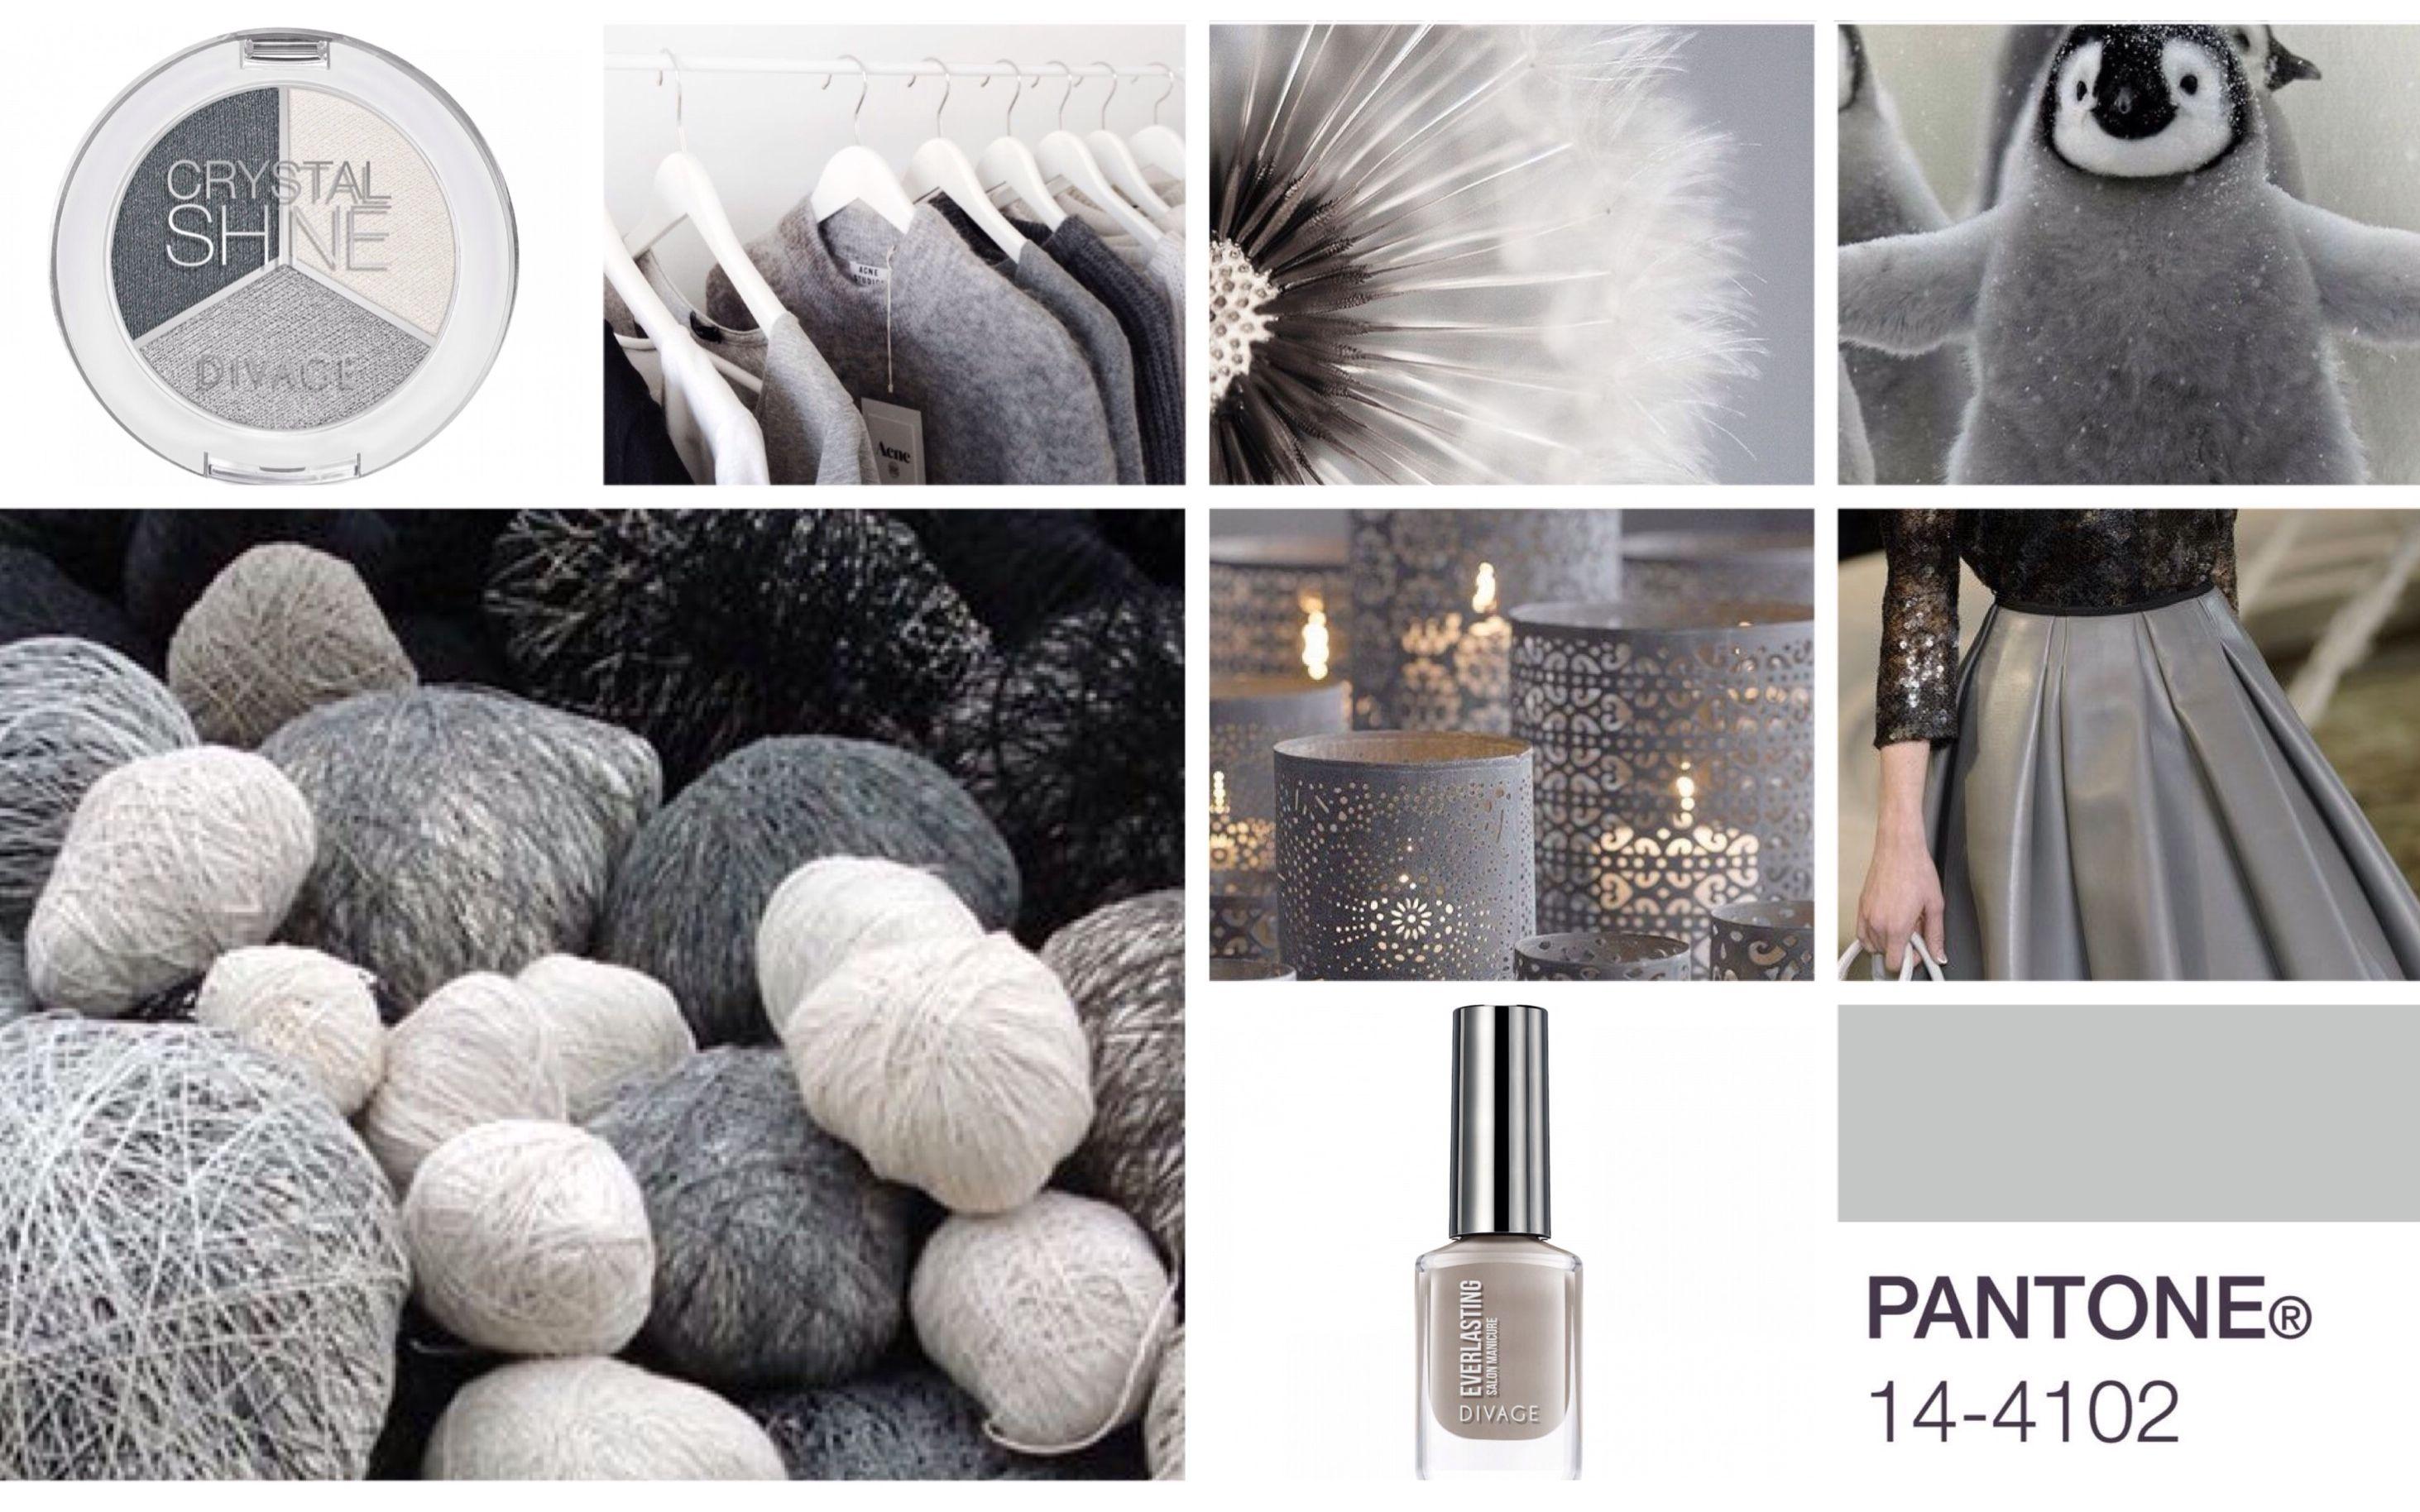 #coloroftheweek   Pantone 14 - 4102 Gracier Gray è un color grigio ghiaccio facile da abbinare con qualsiasi nuance.  Colorate le vostre unghie di questa bellissima tonalità di grigio con Everlasting di Divage per dare un tocco romantico e chic al vostro look.